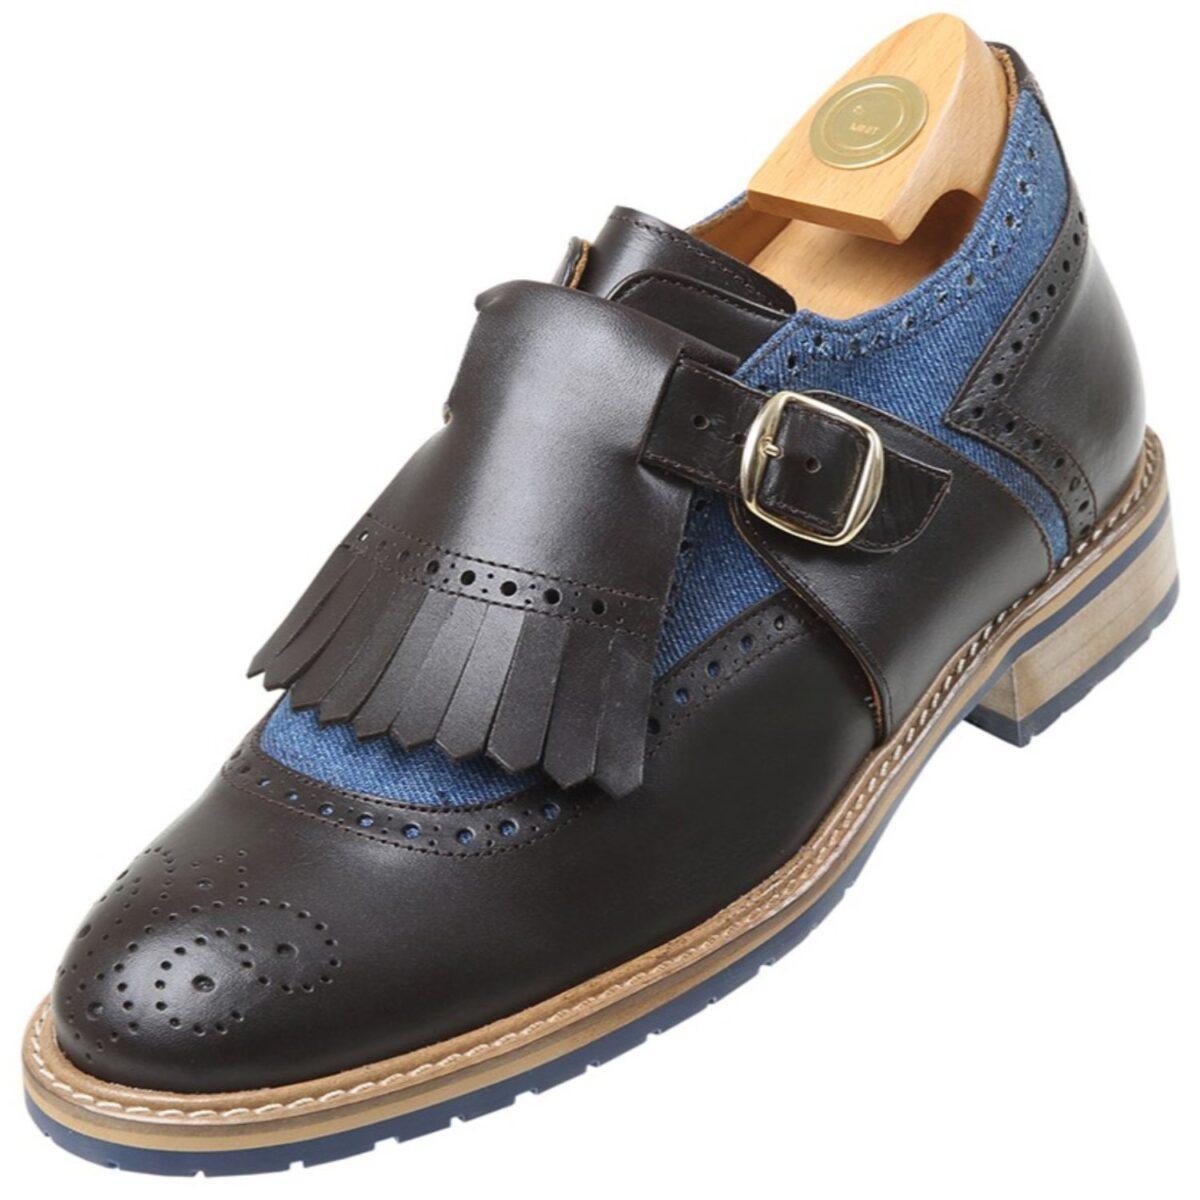 Zapatos con Alzas modelo 7516 Mv - HiPlus